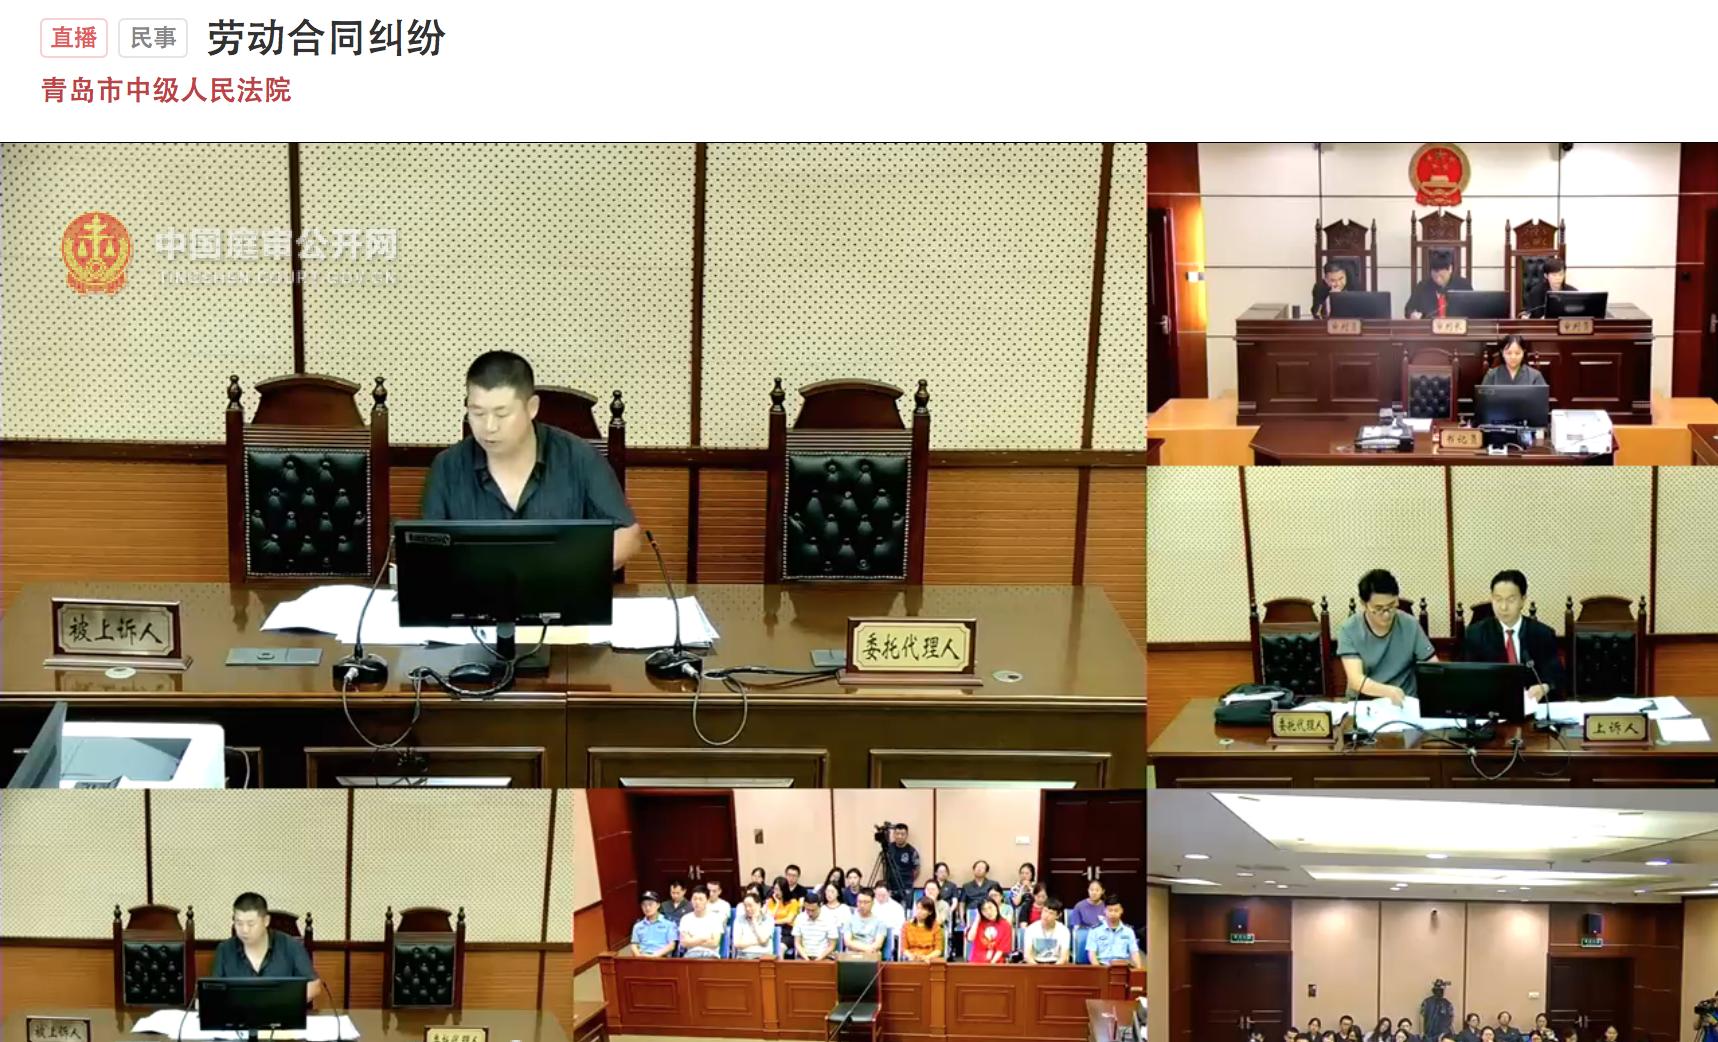 女职工孕期被辞案二审开庭 企业首次回应争议焦点|女职工|开庭